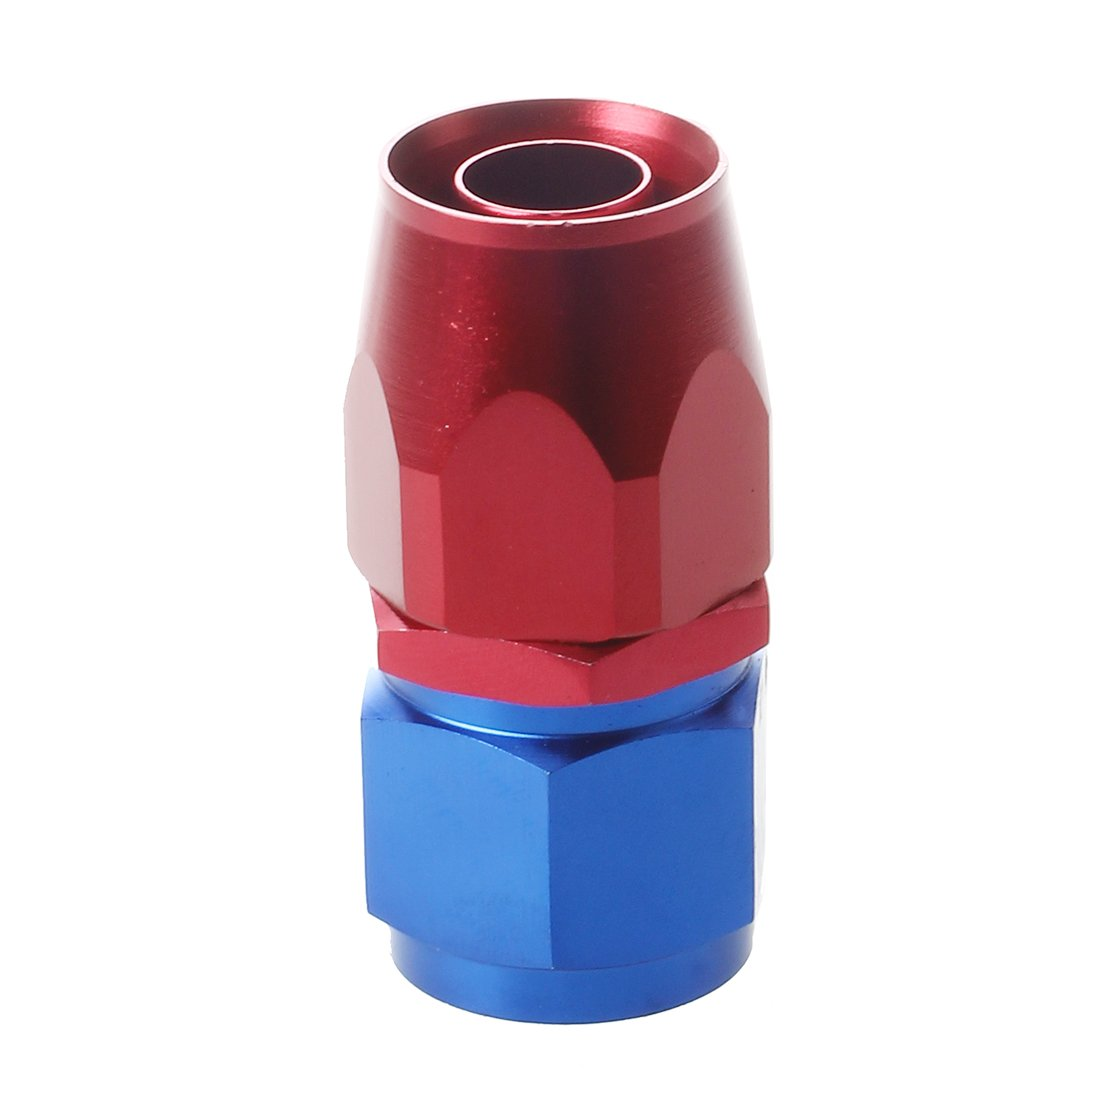 TOOGOO(R)AN10 Recto Giratorio Aceite Combustible Manguera Final Apropiado Adaptador Aluminio Rojo y Azul TOOGOO (R) 053169